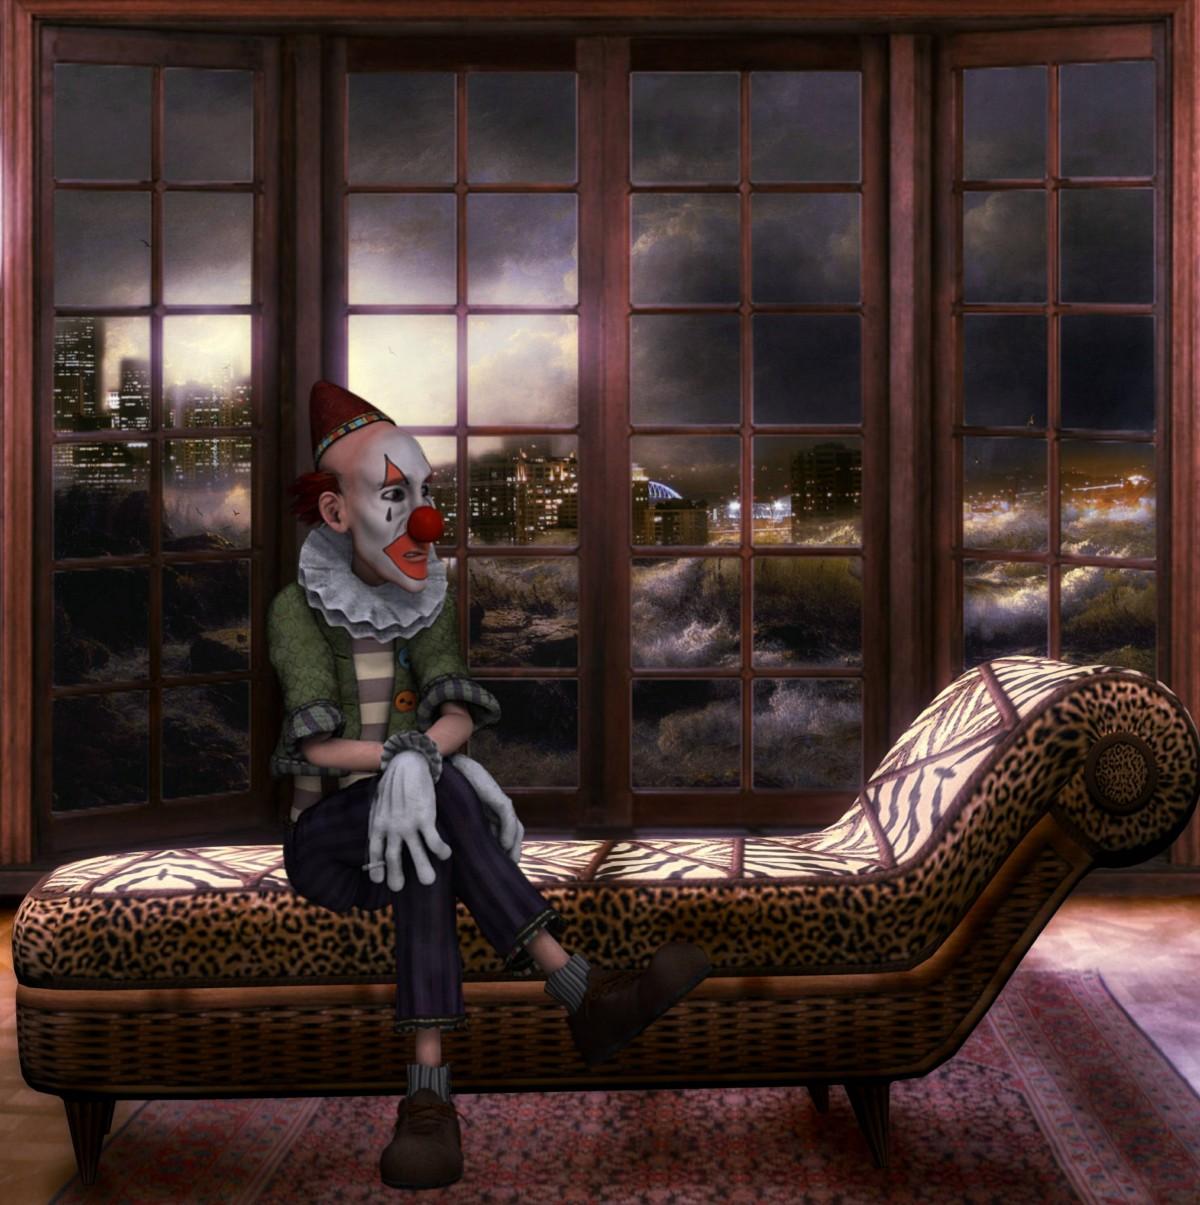 Holz Nacht Sessel Fenster Wohnzimmer Mbel